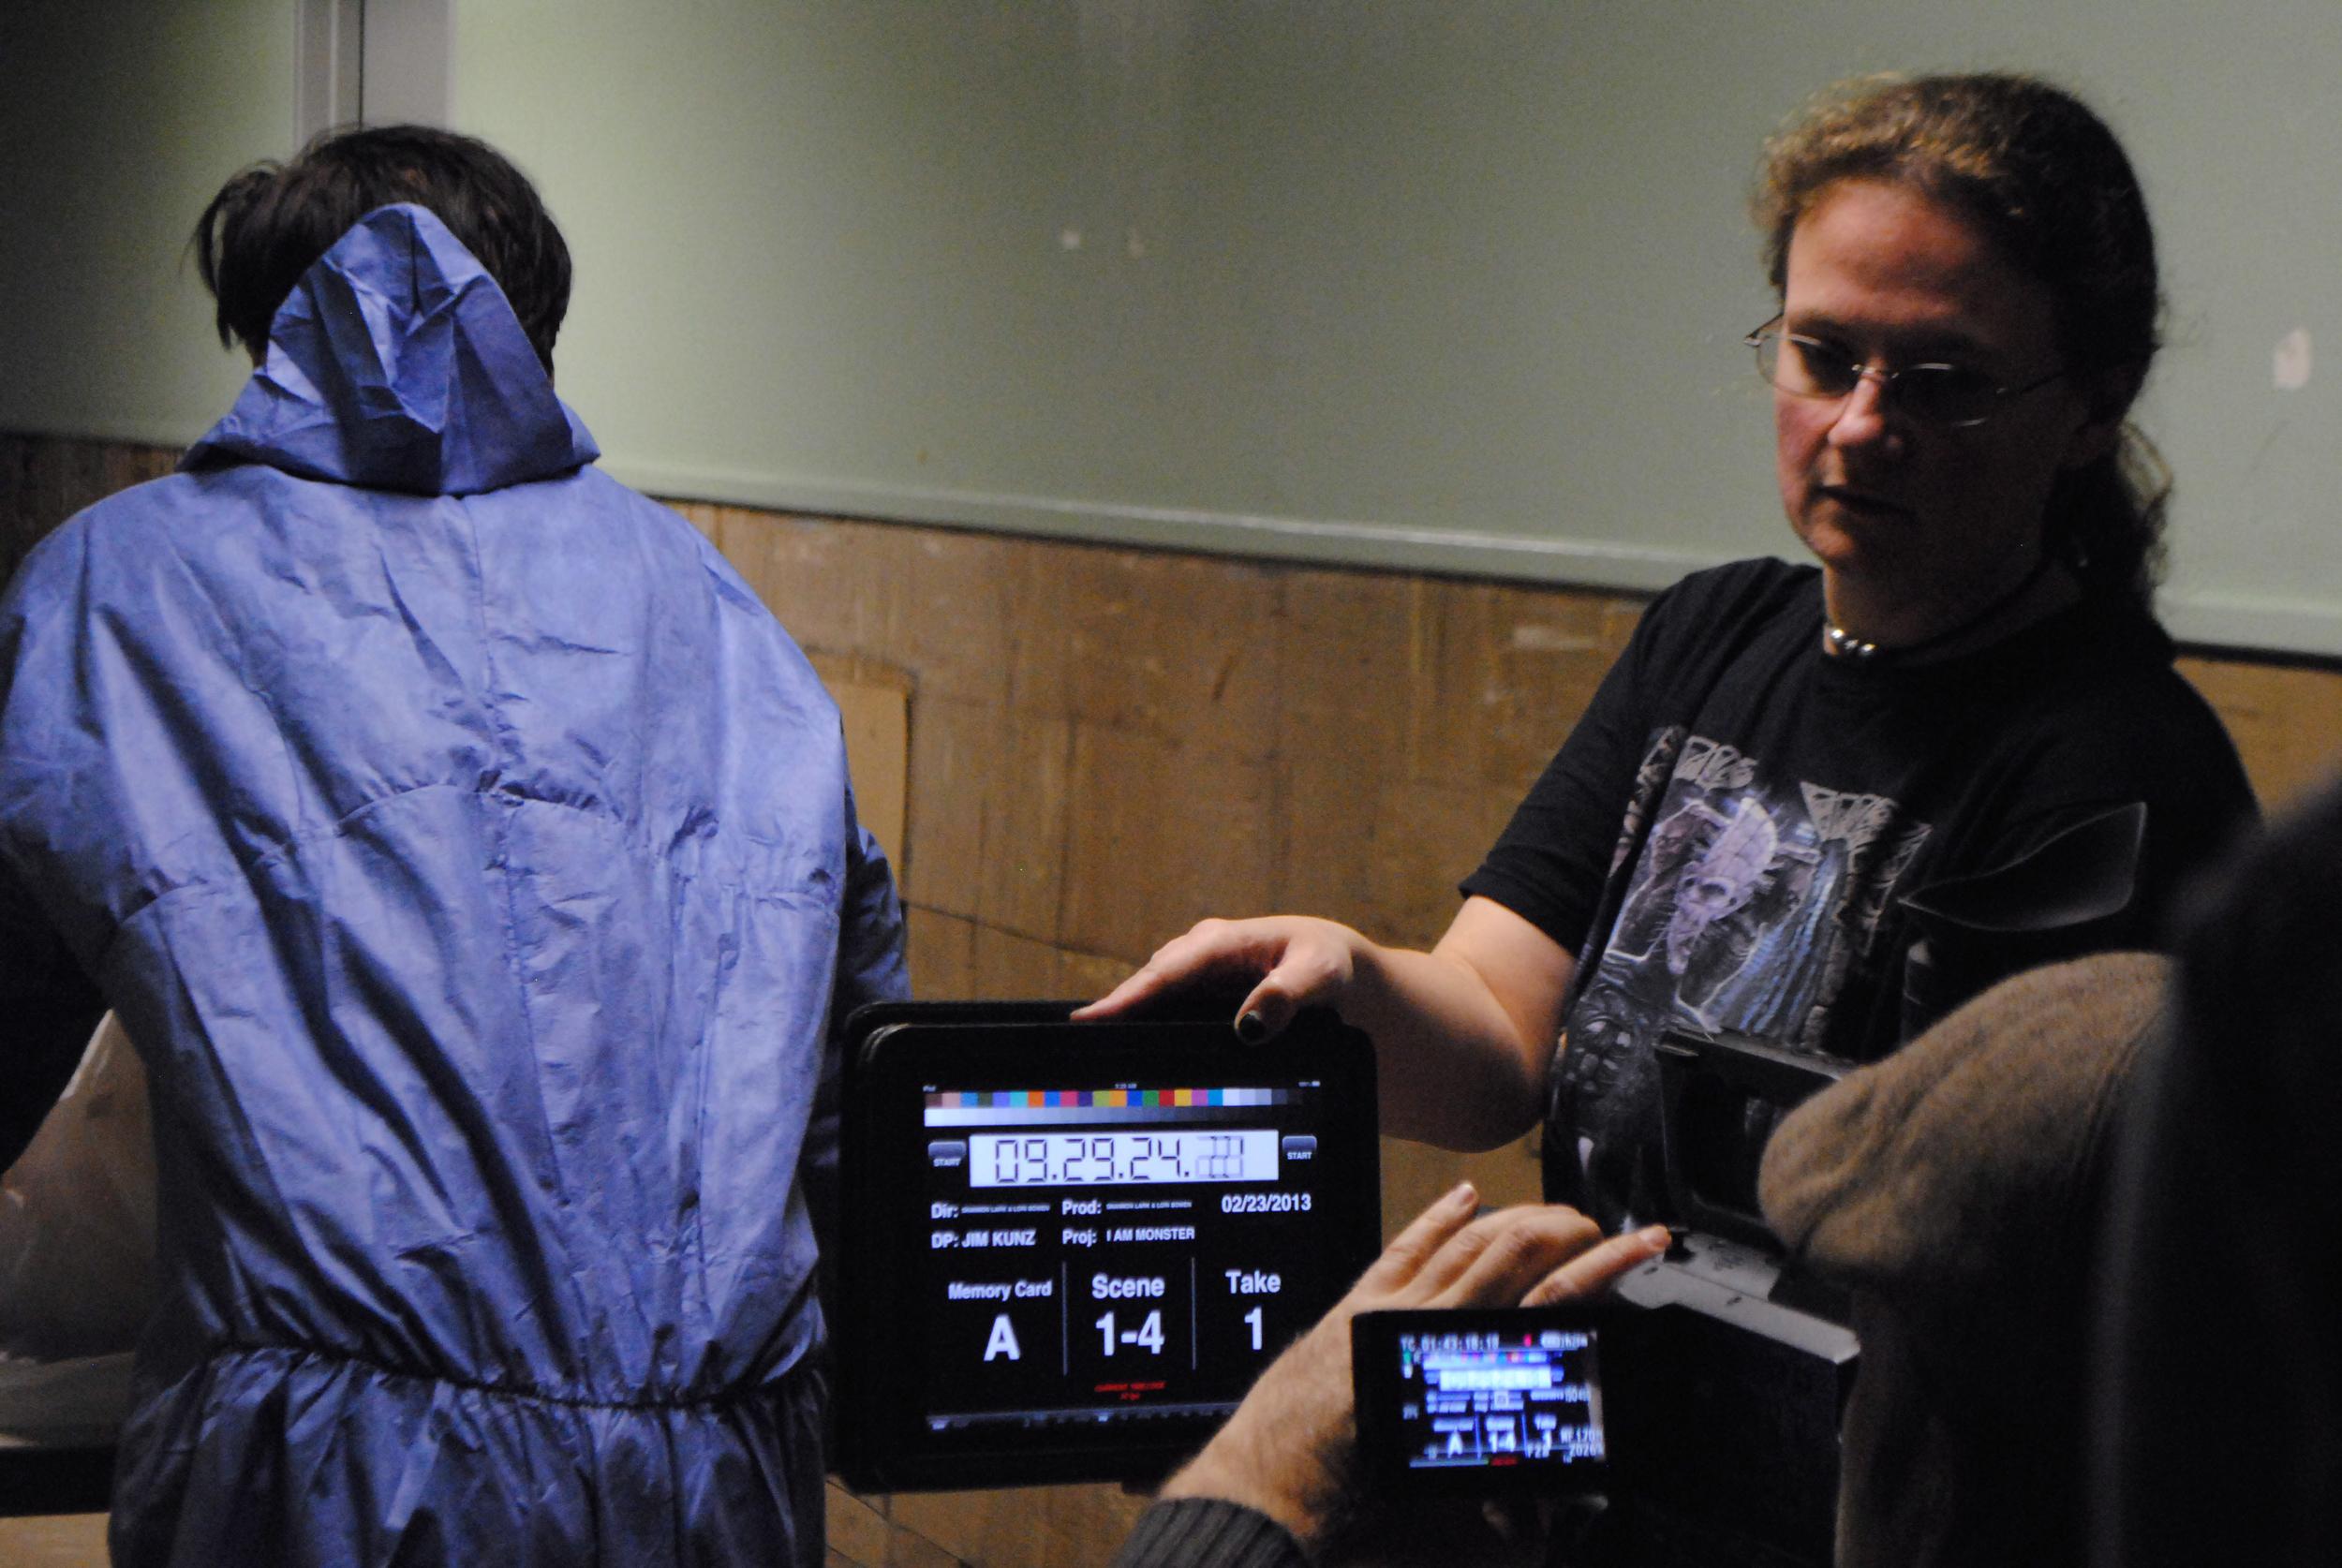 Co-director Lori Bowen running slate.